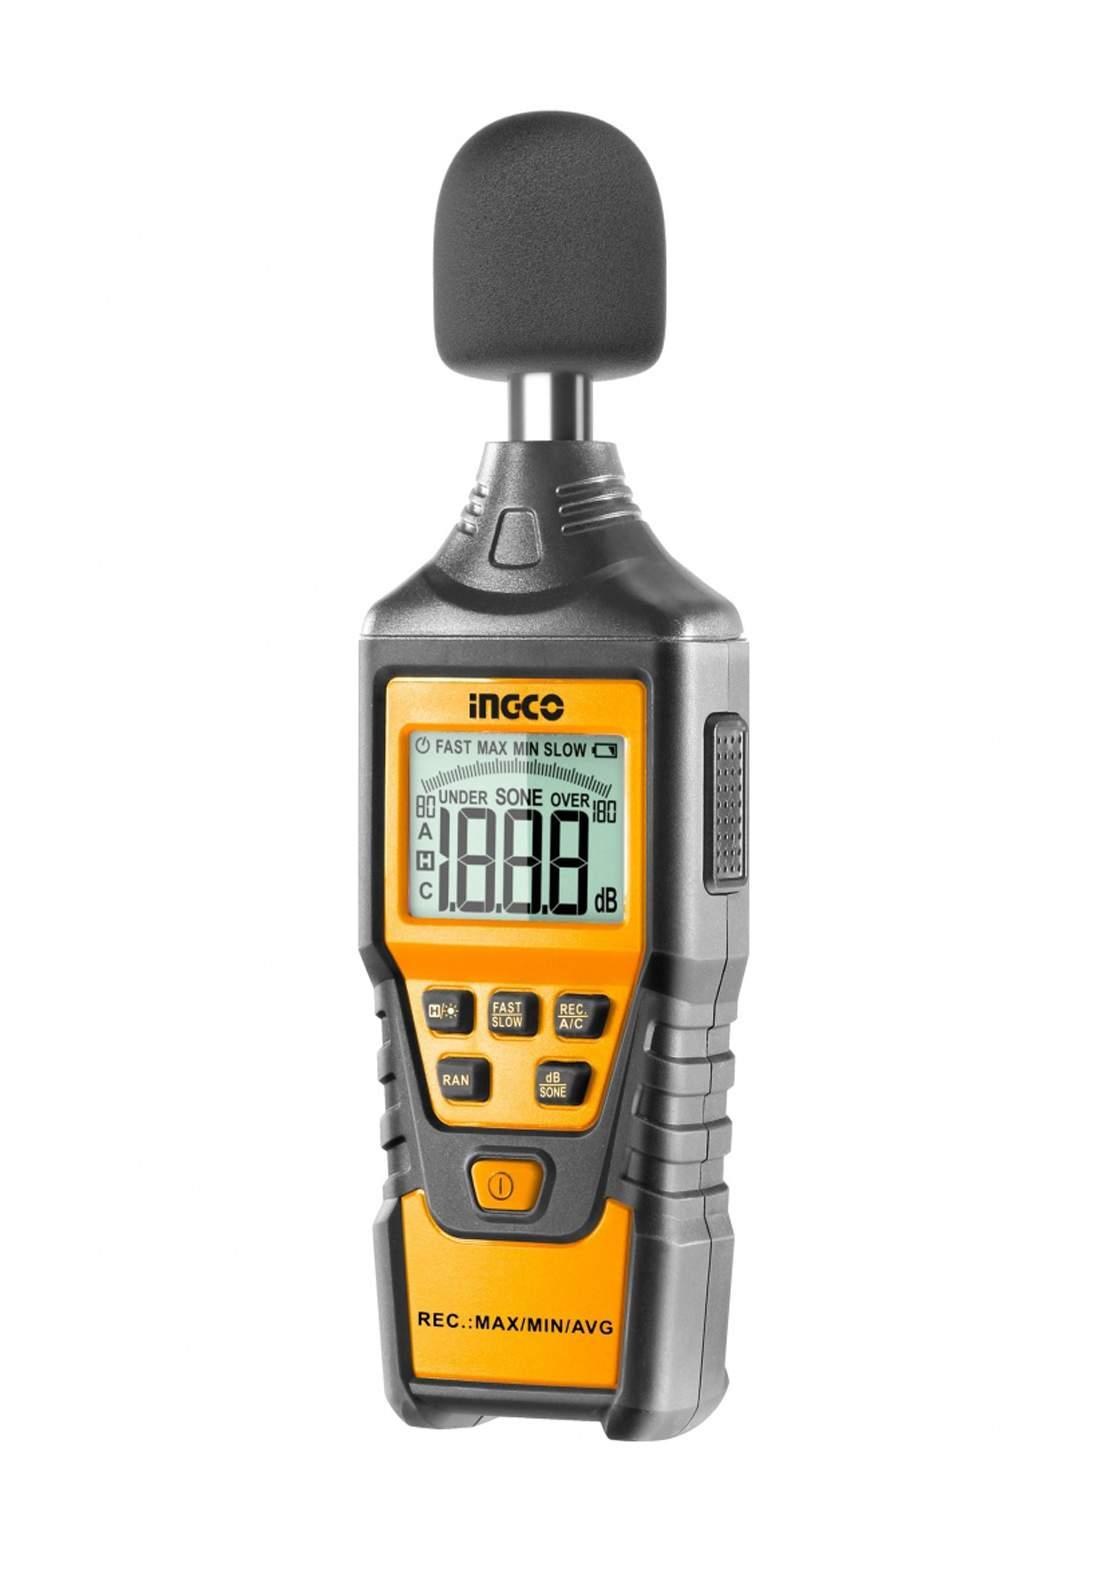 Ingco HETSL01 Digital Sound Level Meter جهاز قياس مستوى الصوت الرقمي